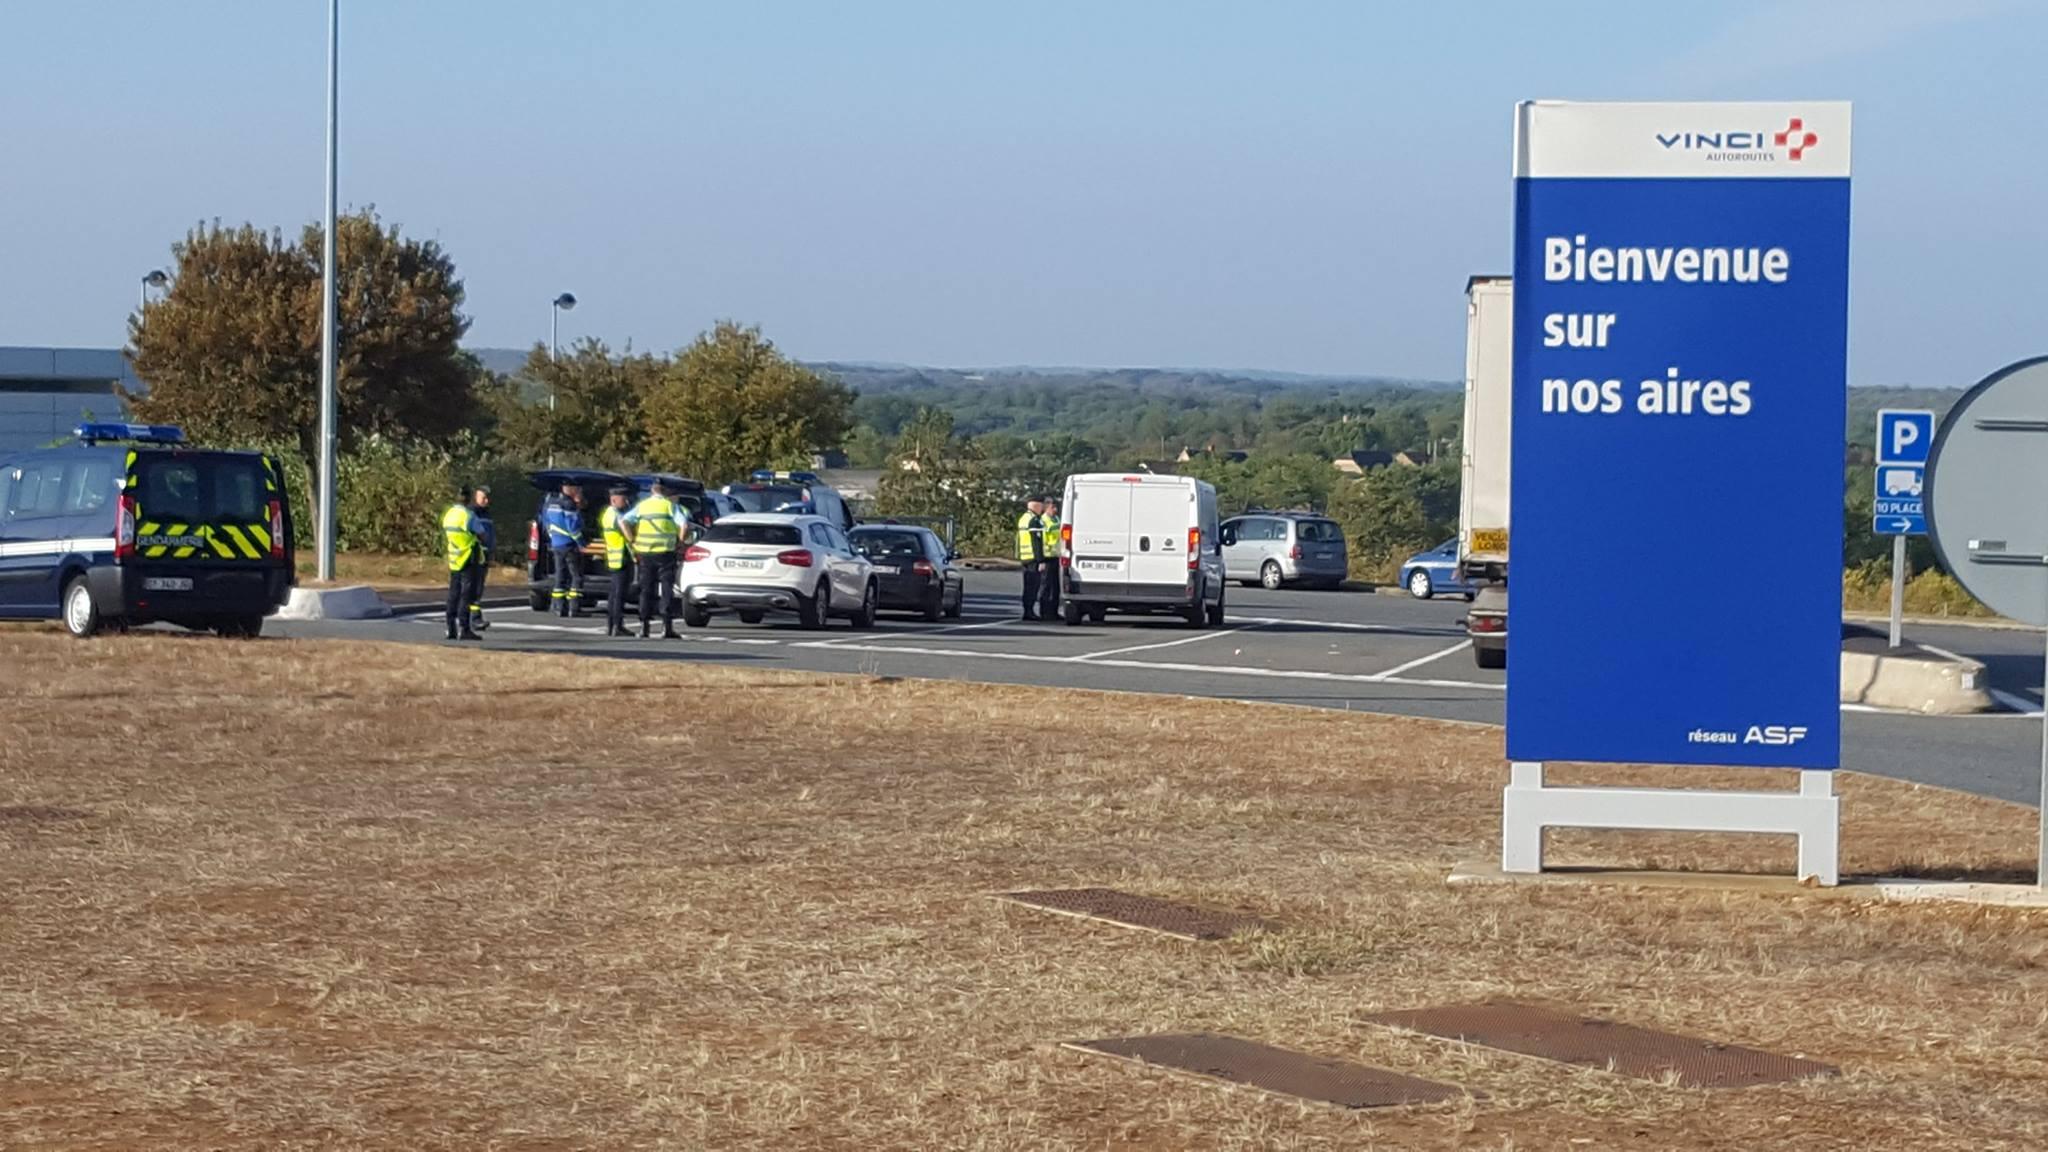 Un automobiliste contrôlé à 212 km/h sur l'A20 entre Brive et Toulouse